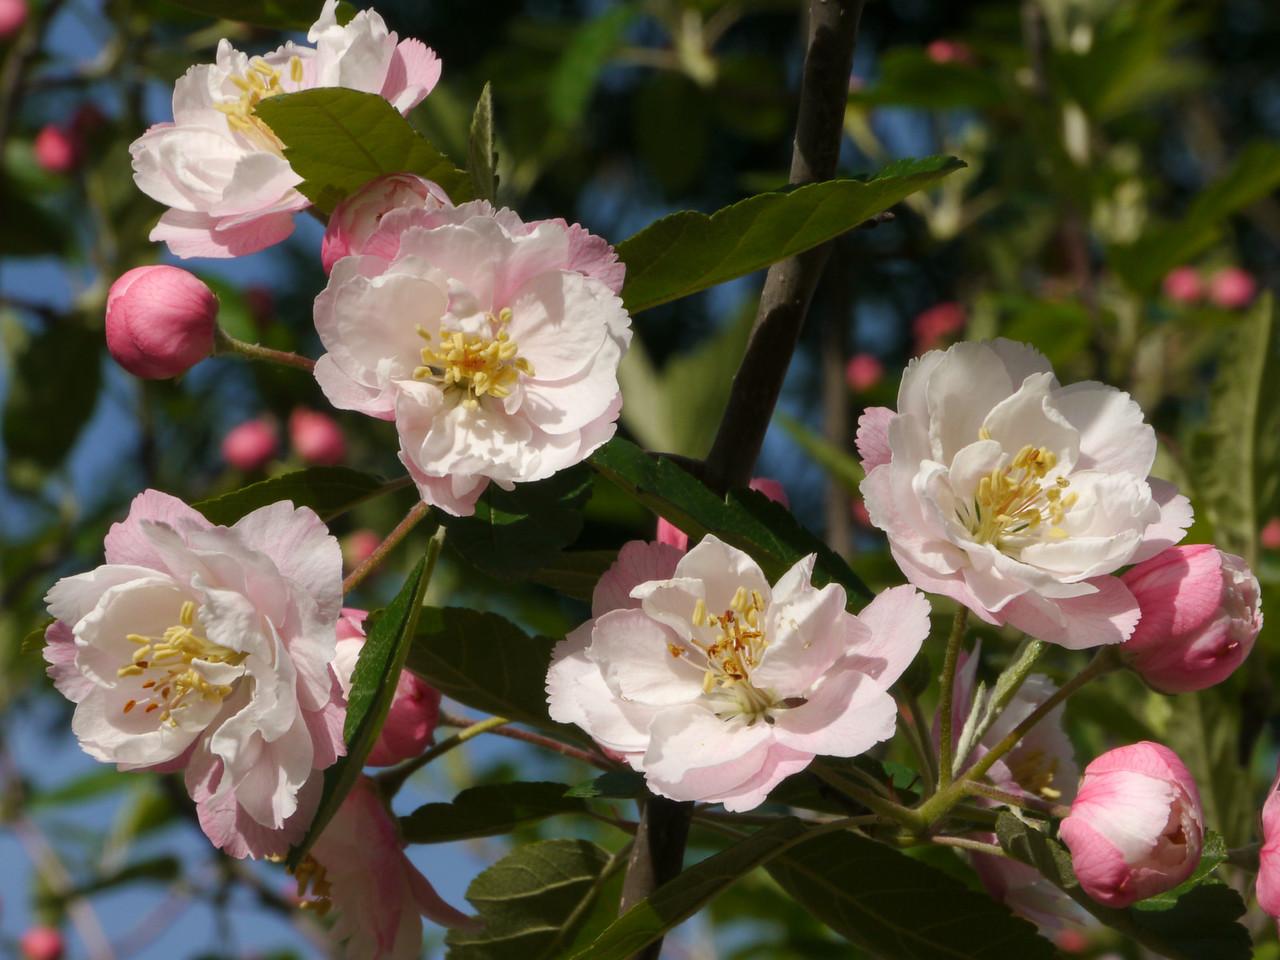 20121018_0820_4032 blossom